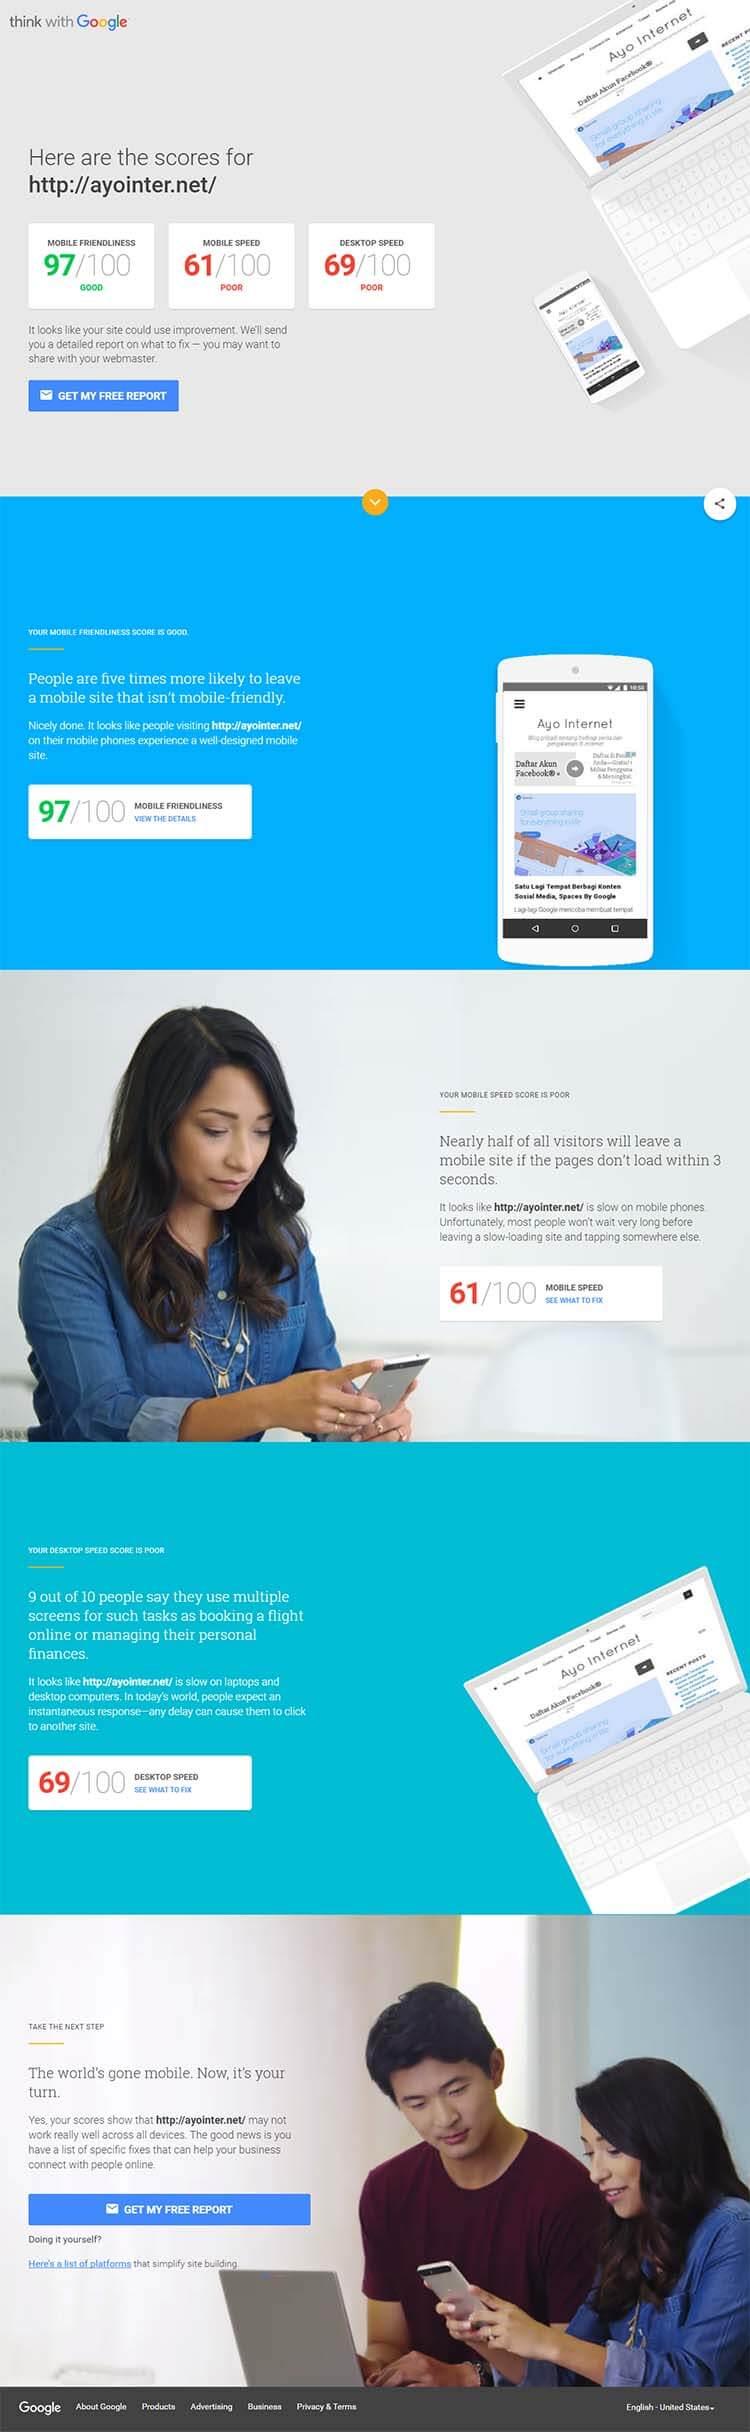 Tool Baru Google Untuk Test Web Speed Dan Mobile Friendly